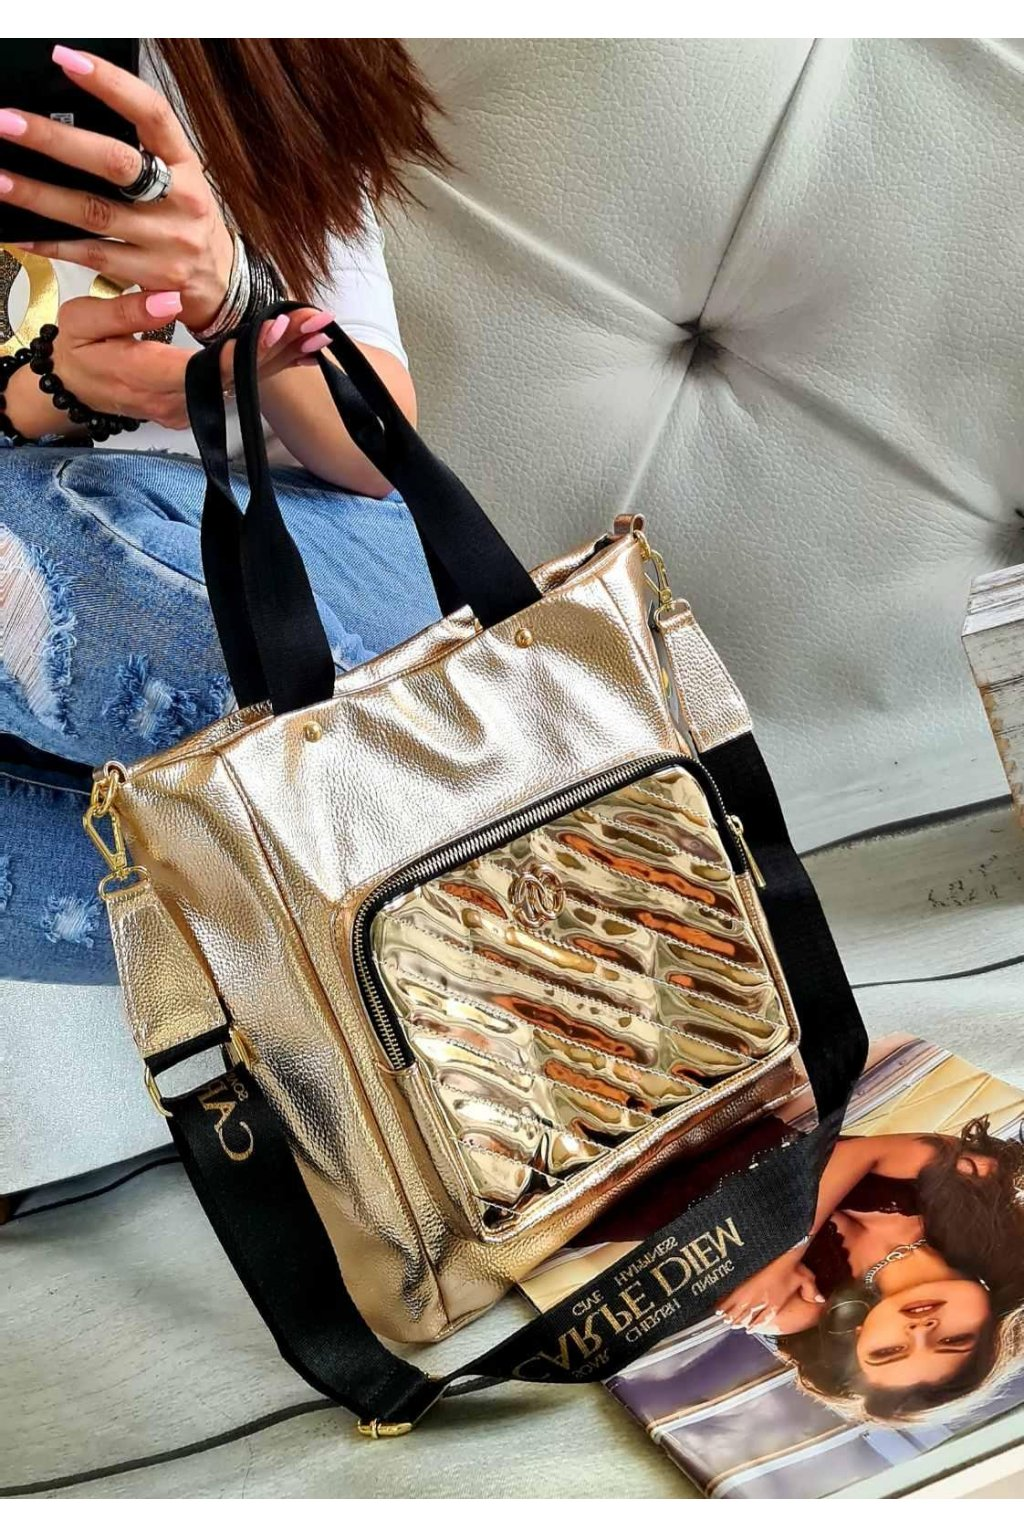 Carpe diem kabelka trendy značková luxusní gold zlatá